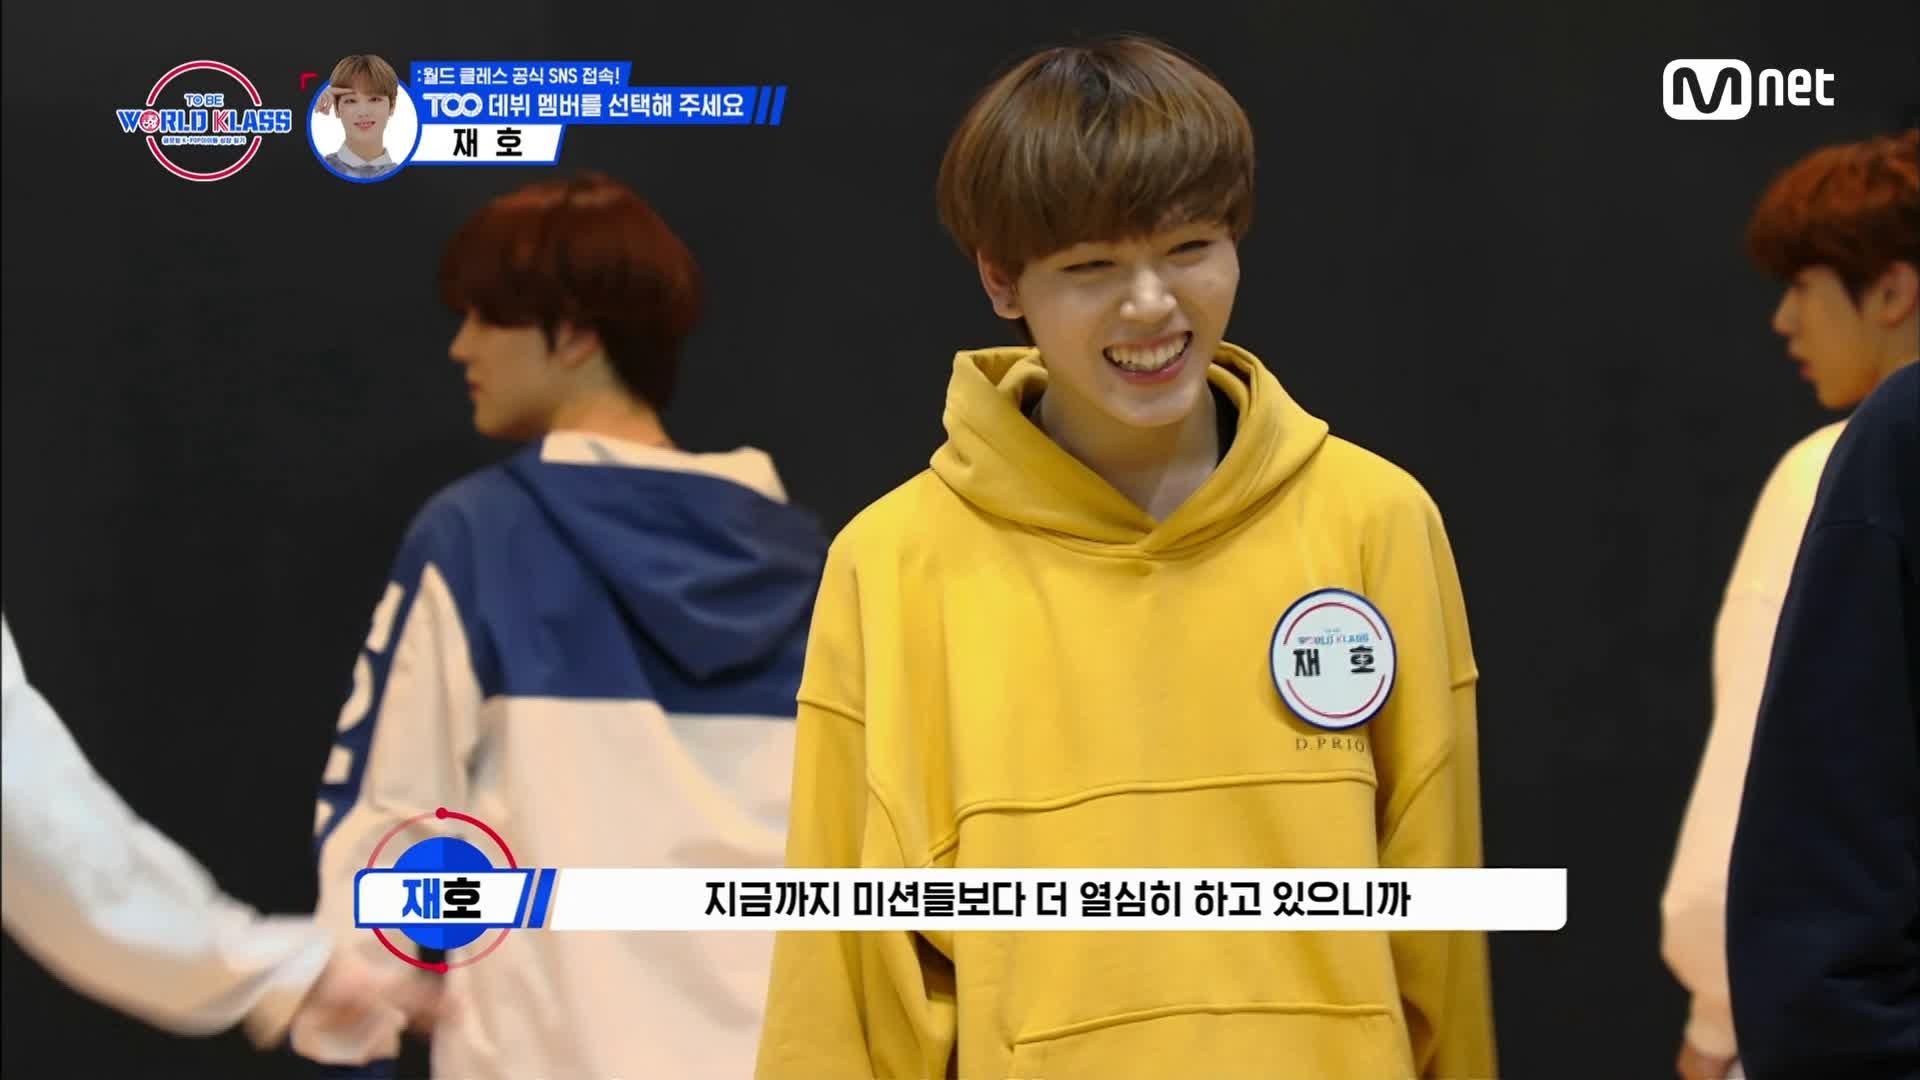 [최종회] '새싹 선생님 재호' 월드 팀의 퍼포먼스 미션 연습